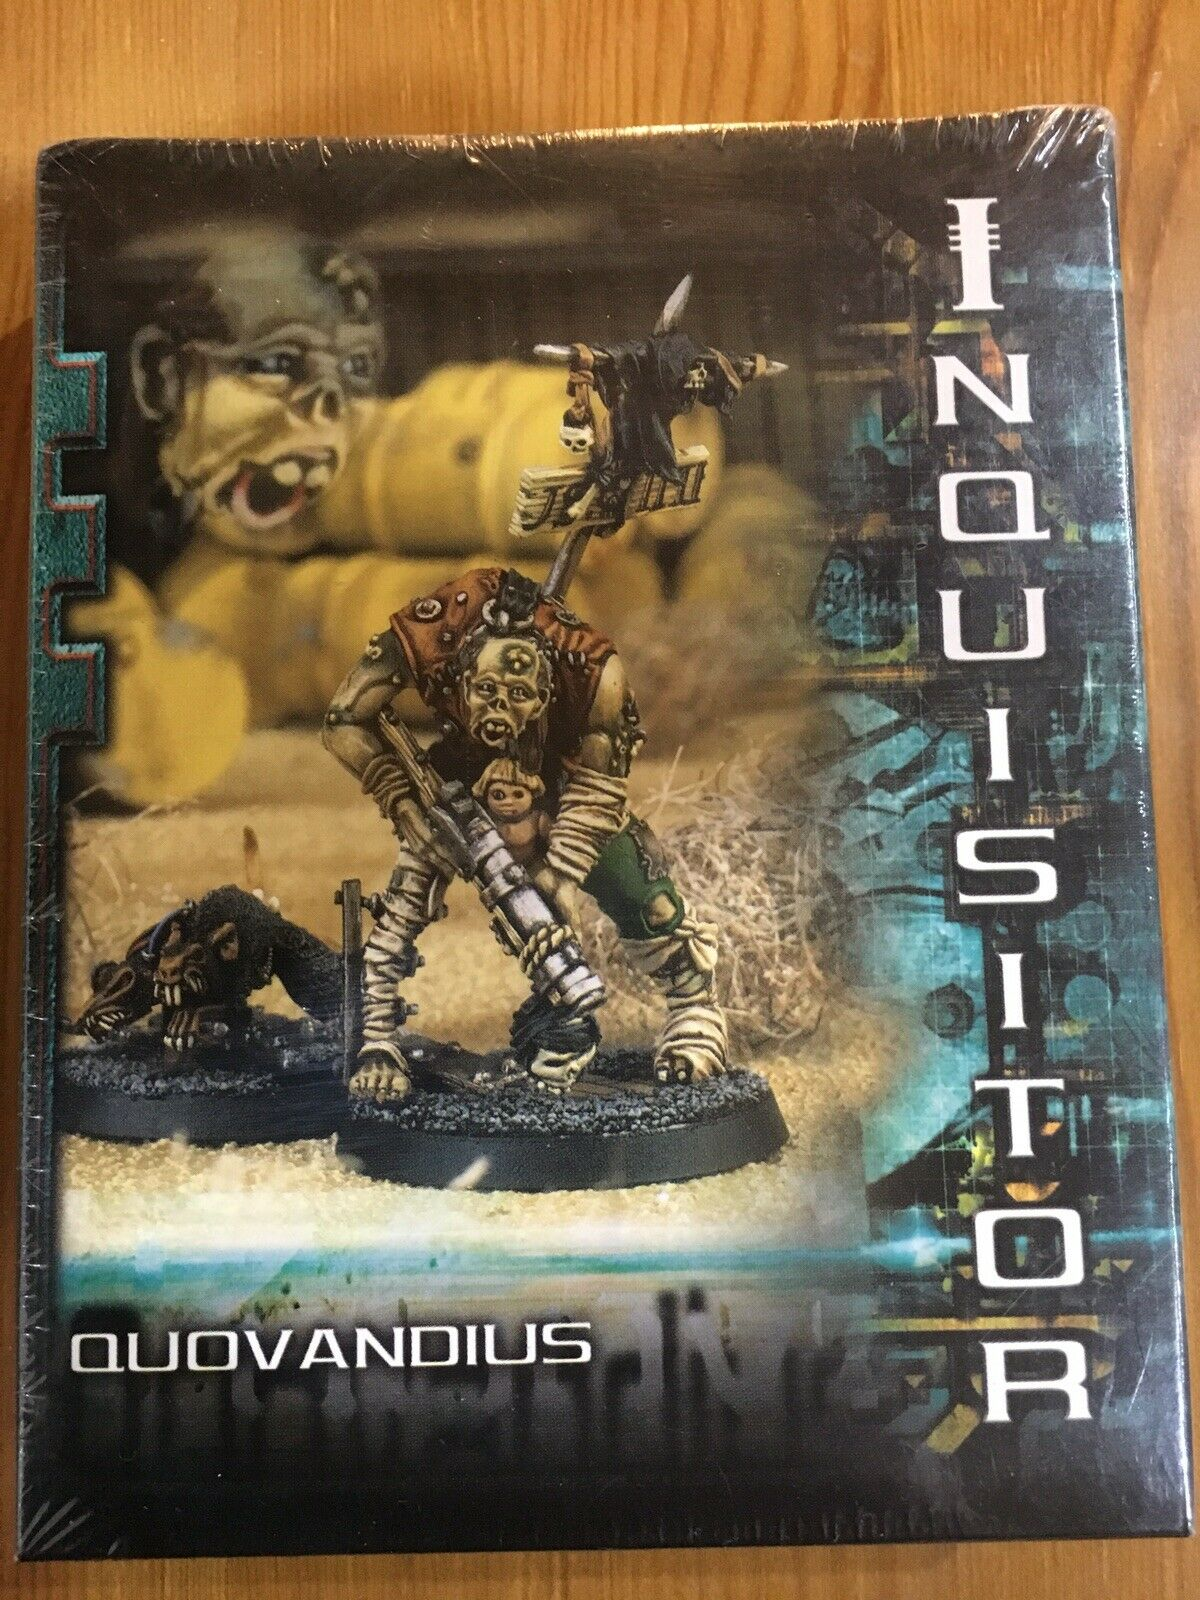 Inquisitore 54mm quovandius NUOVO SIGILLATO WARHAMMER 40k metallo fuori catalogo